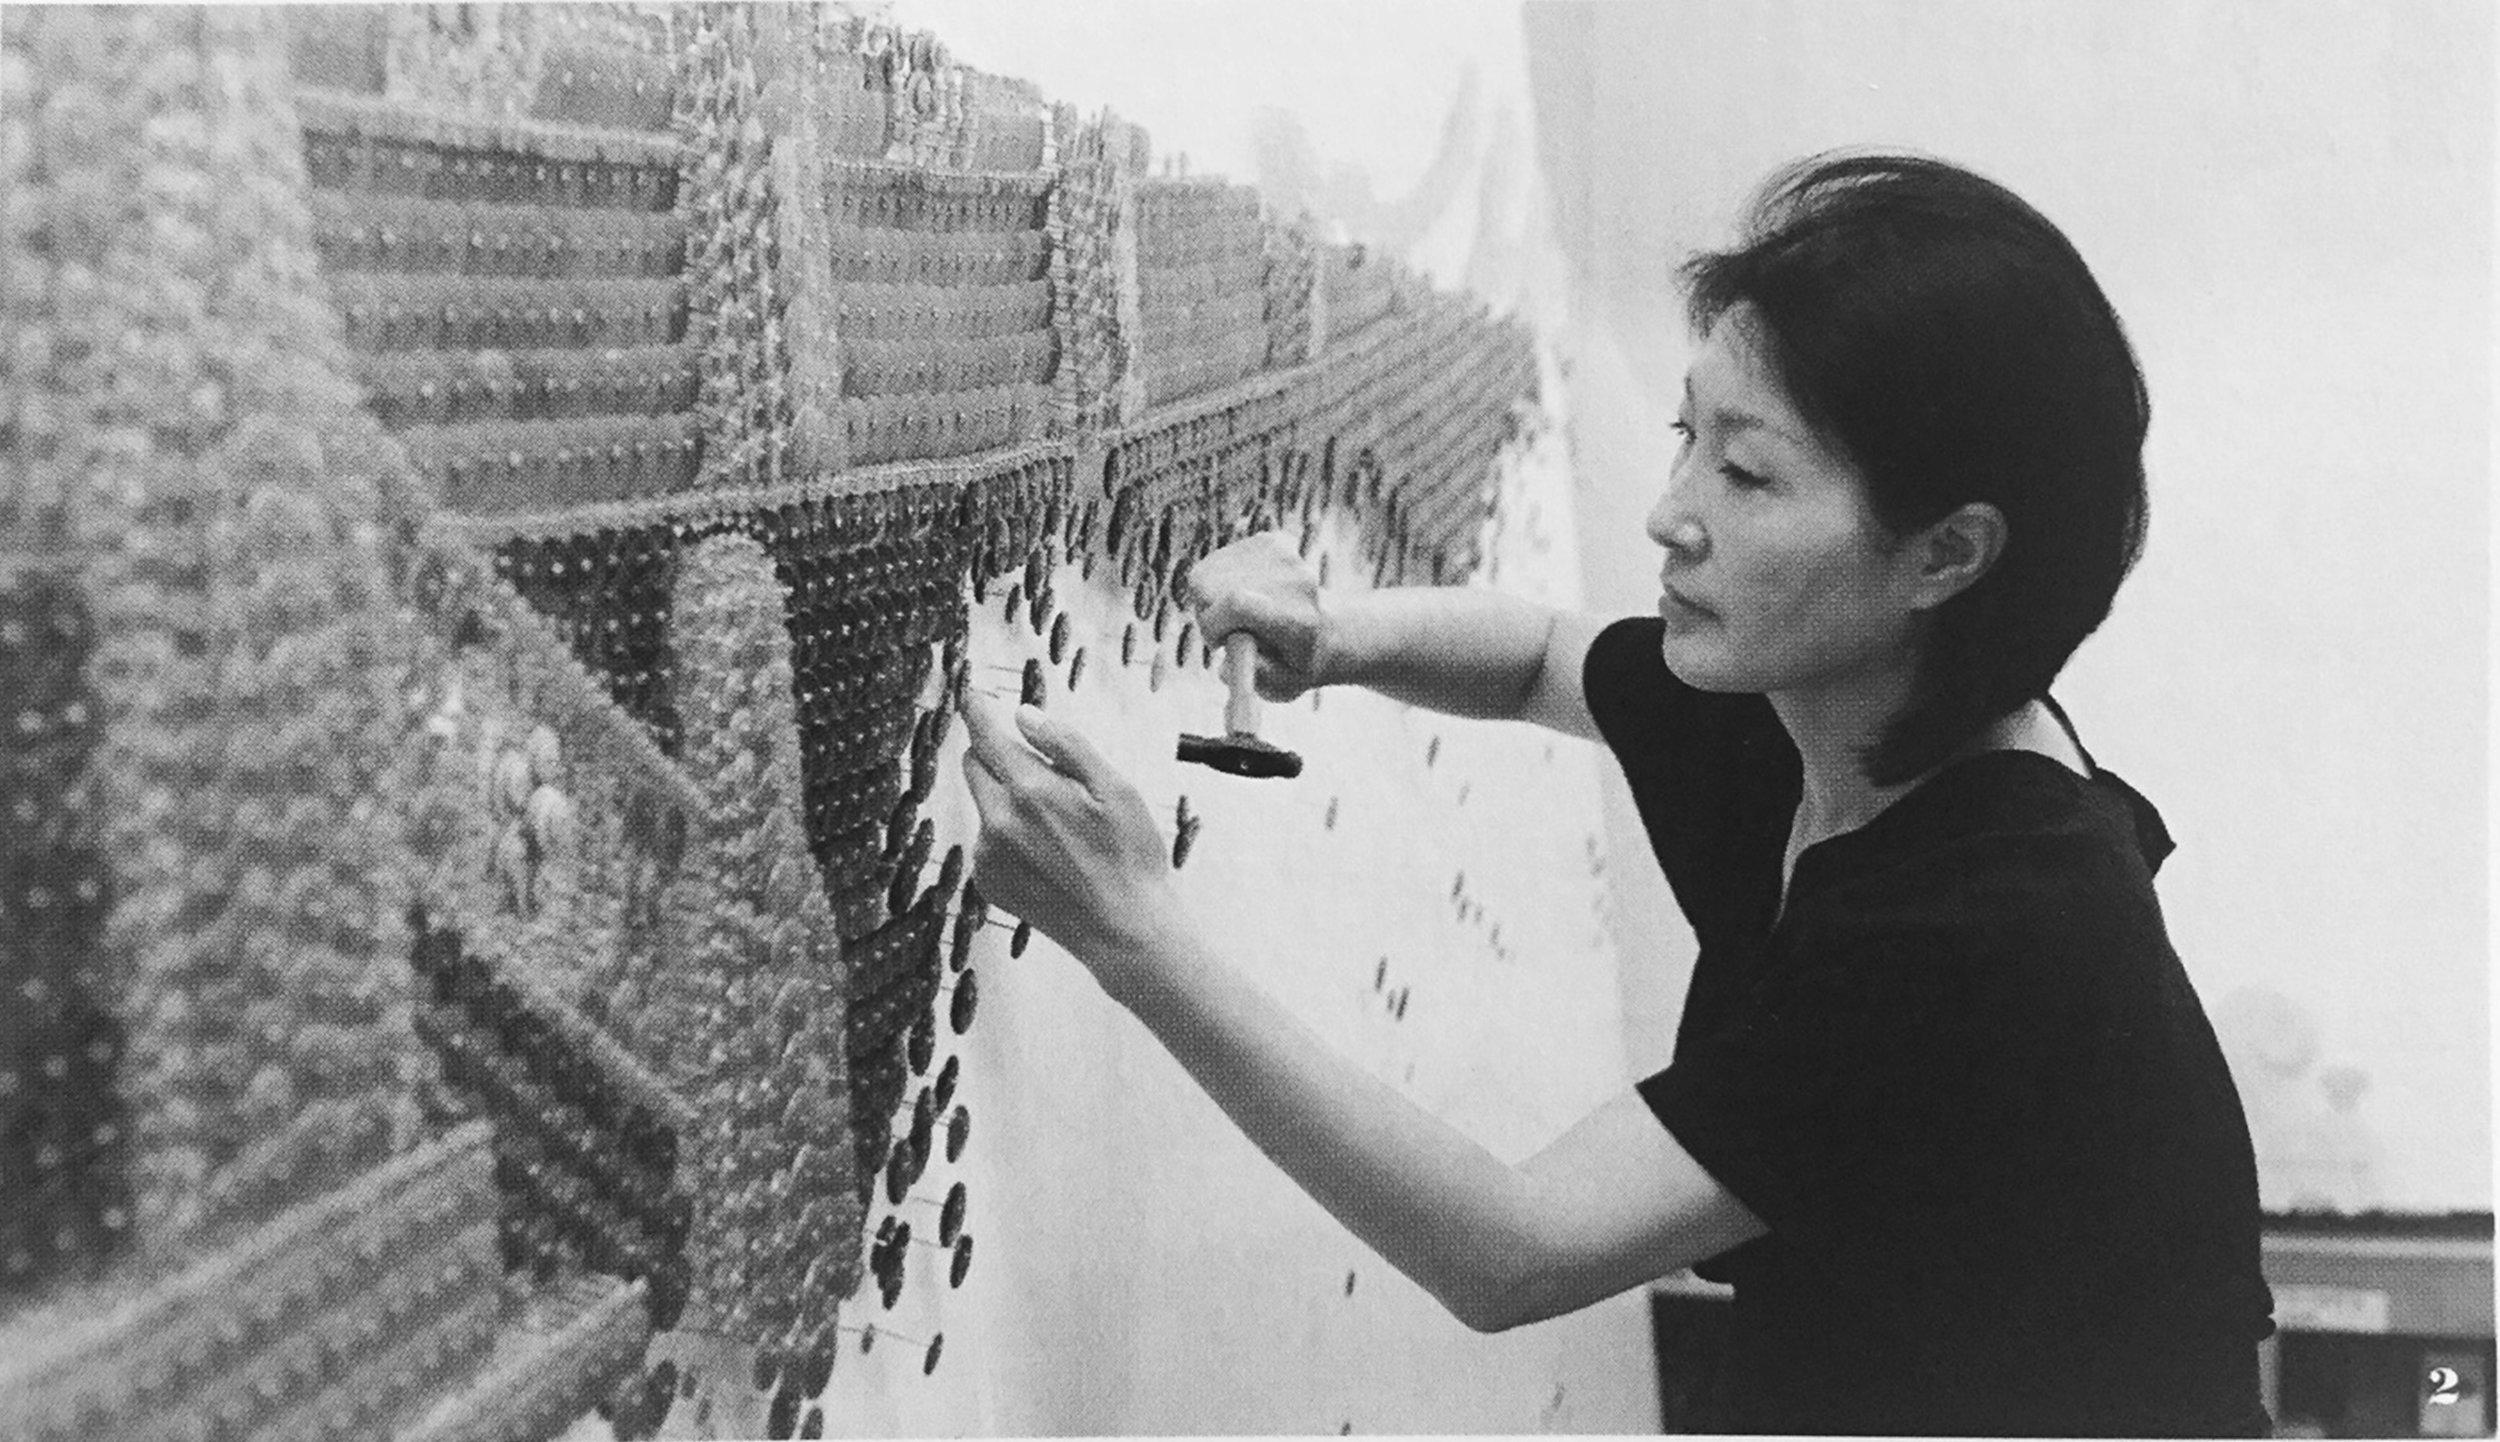 Ran Hwang at Work  (Photo Courtesy of the Artist)